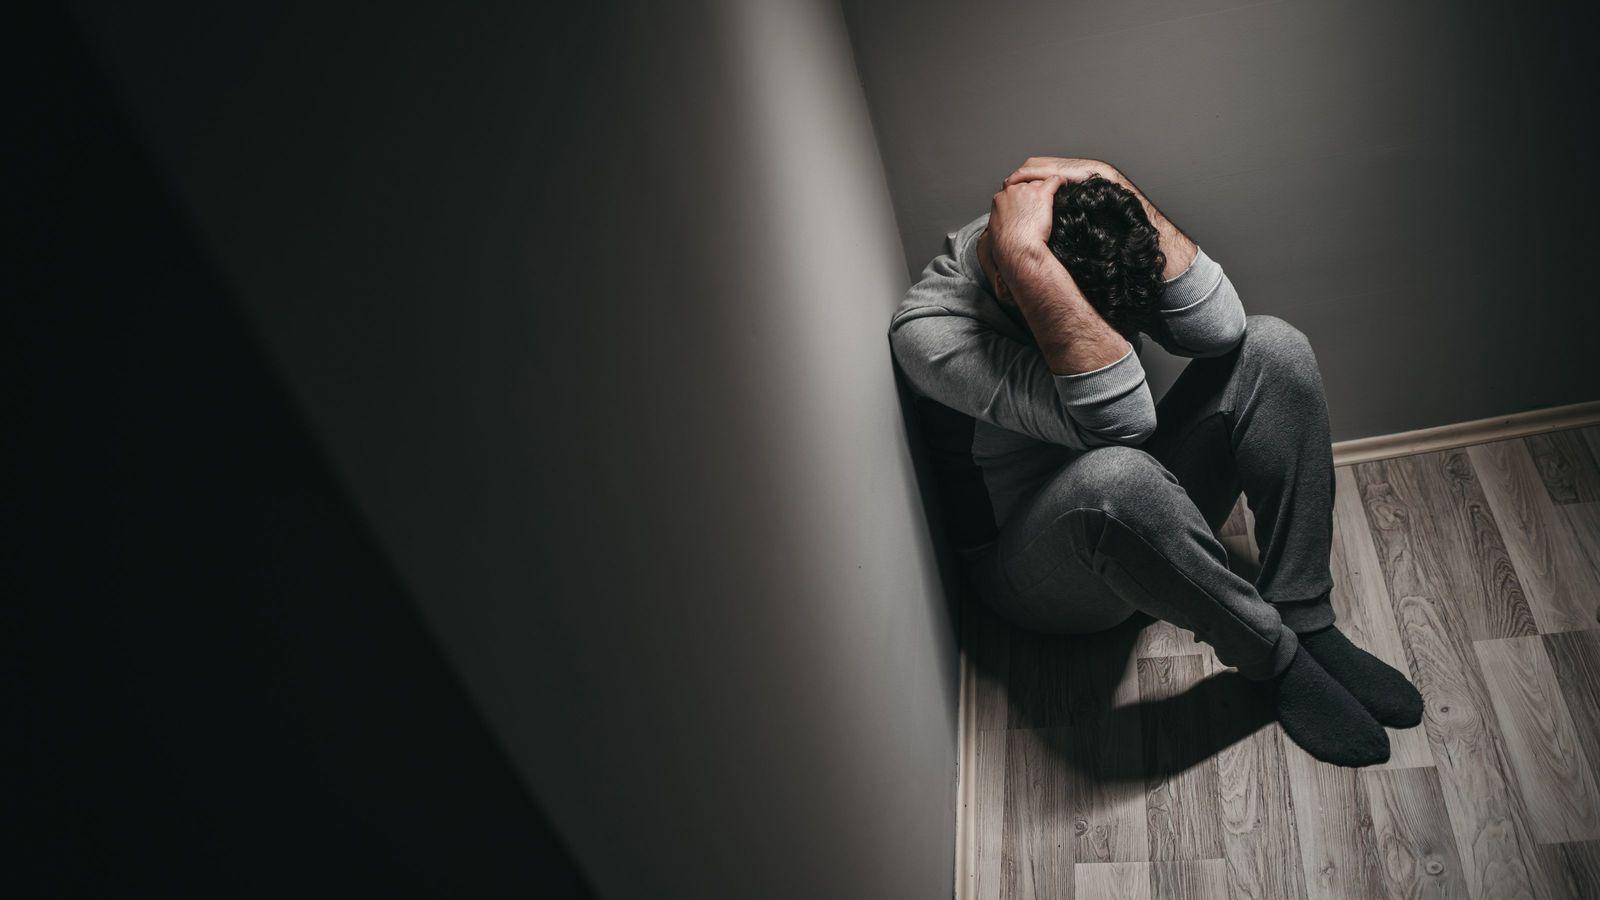 産業医が見た「ストレスに弱い人」に共通する4つの特徴 「趣味がない、好きなことがない」